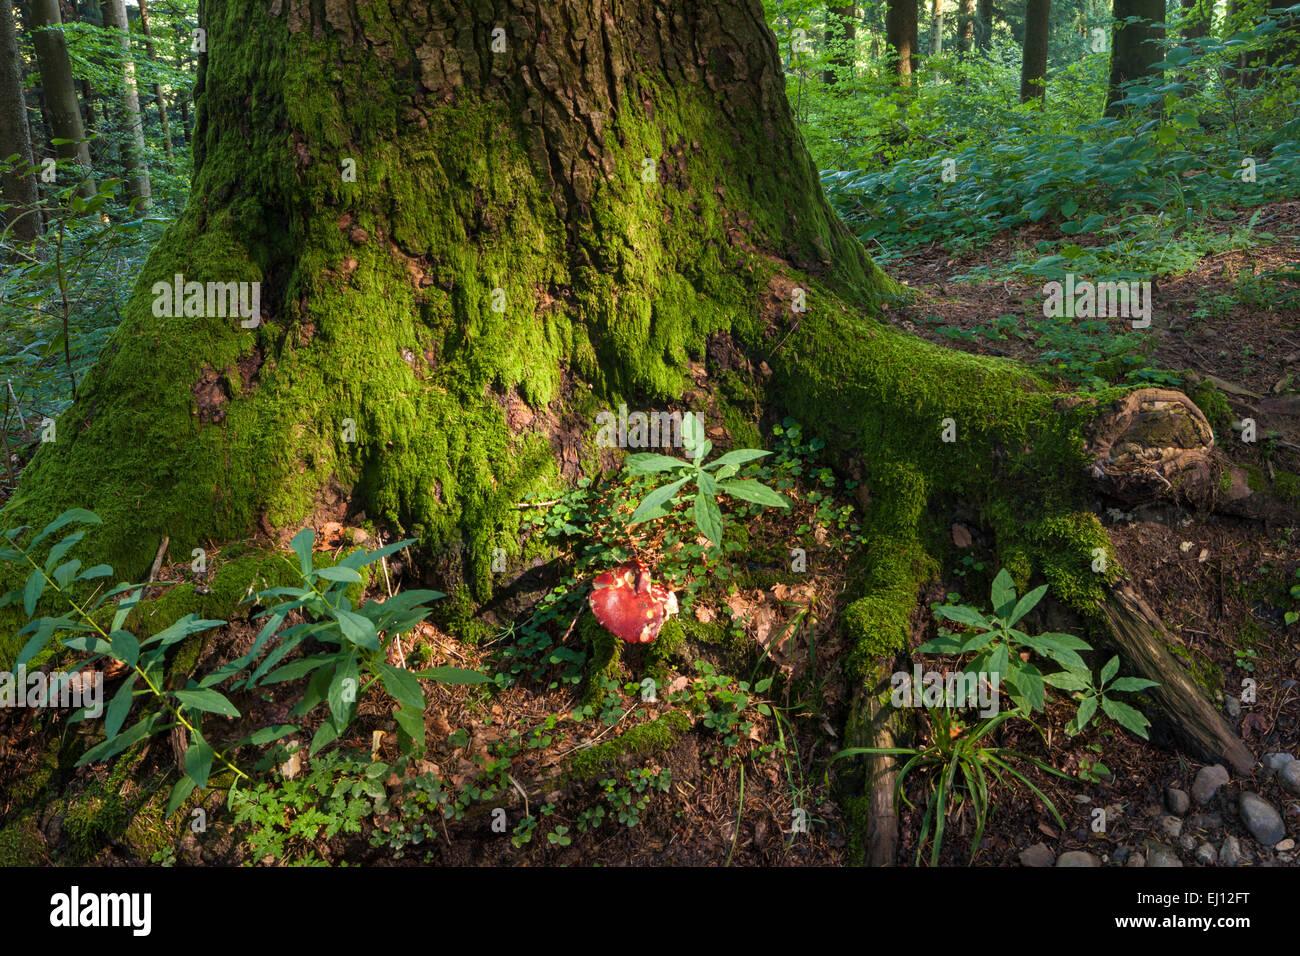 Hundwiler Höhe, Hundwil Höhe, Schweiz, Europa, Kanton Appenzell, Ausserrhoden, Holz, Wald, Bäume, Pilze Stockfoto